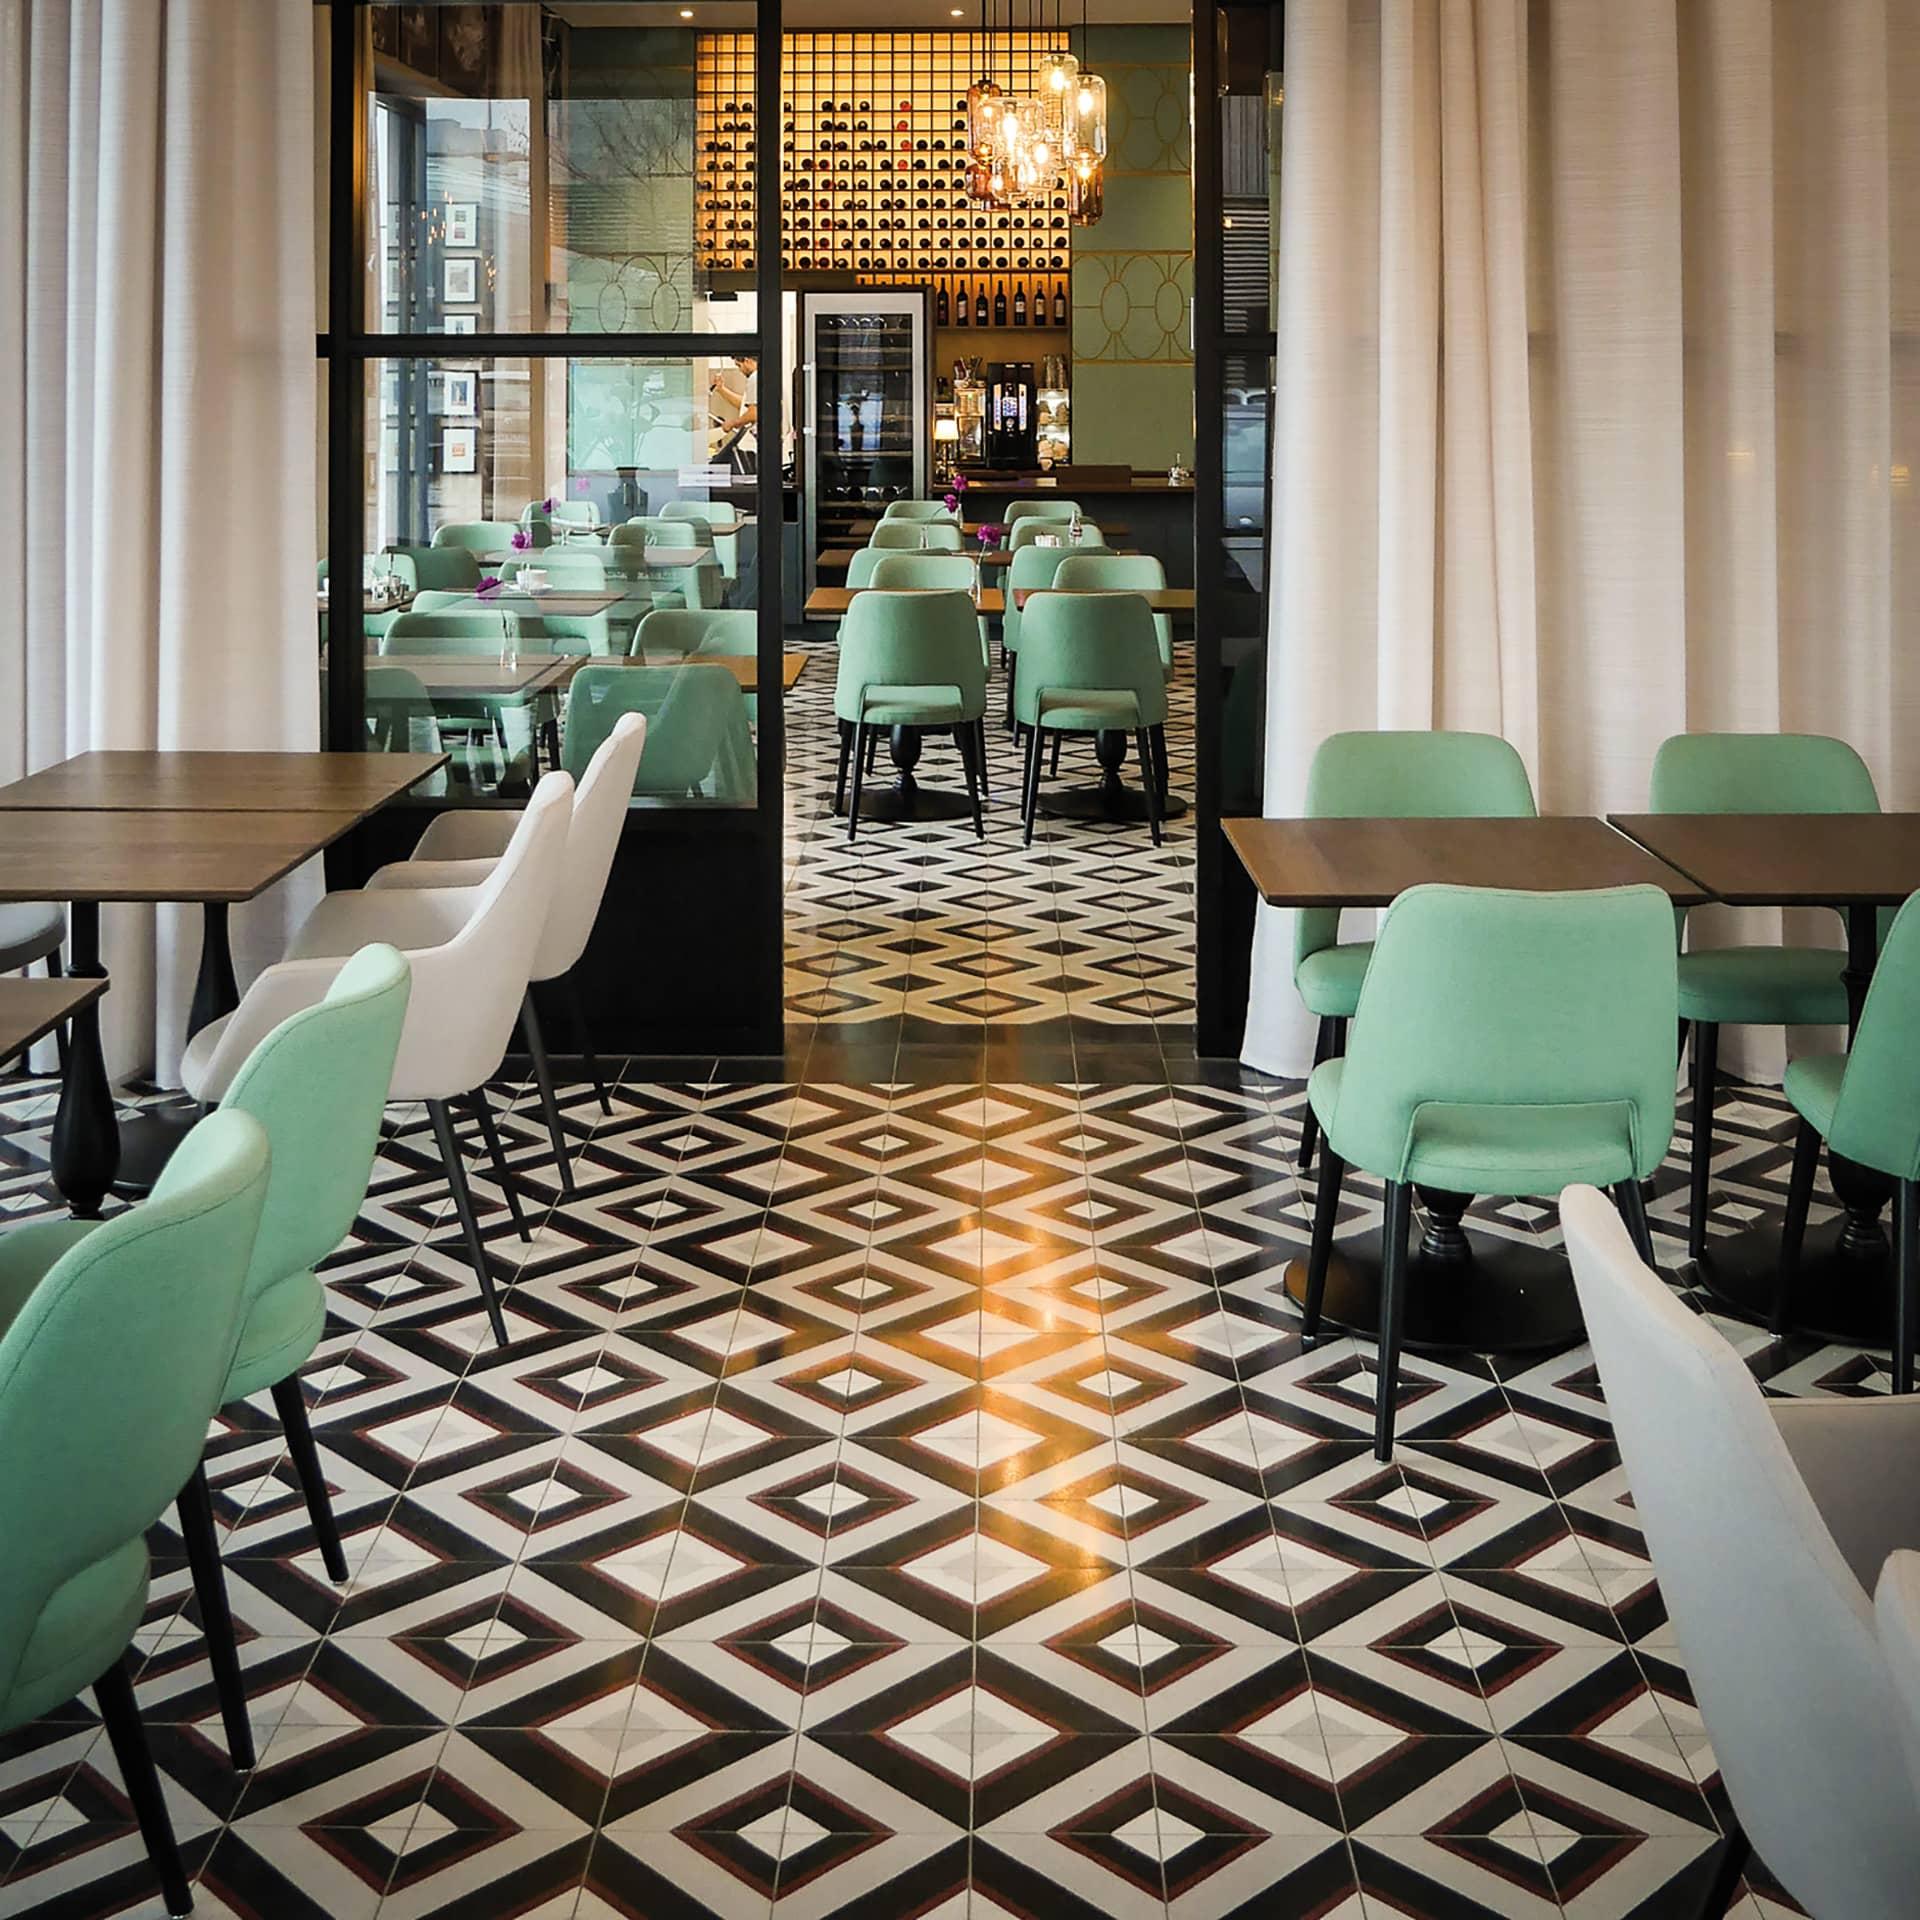 VIA Zementfliese N° 711052 im Restaurant mit grünen Stühlen